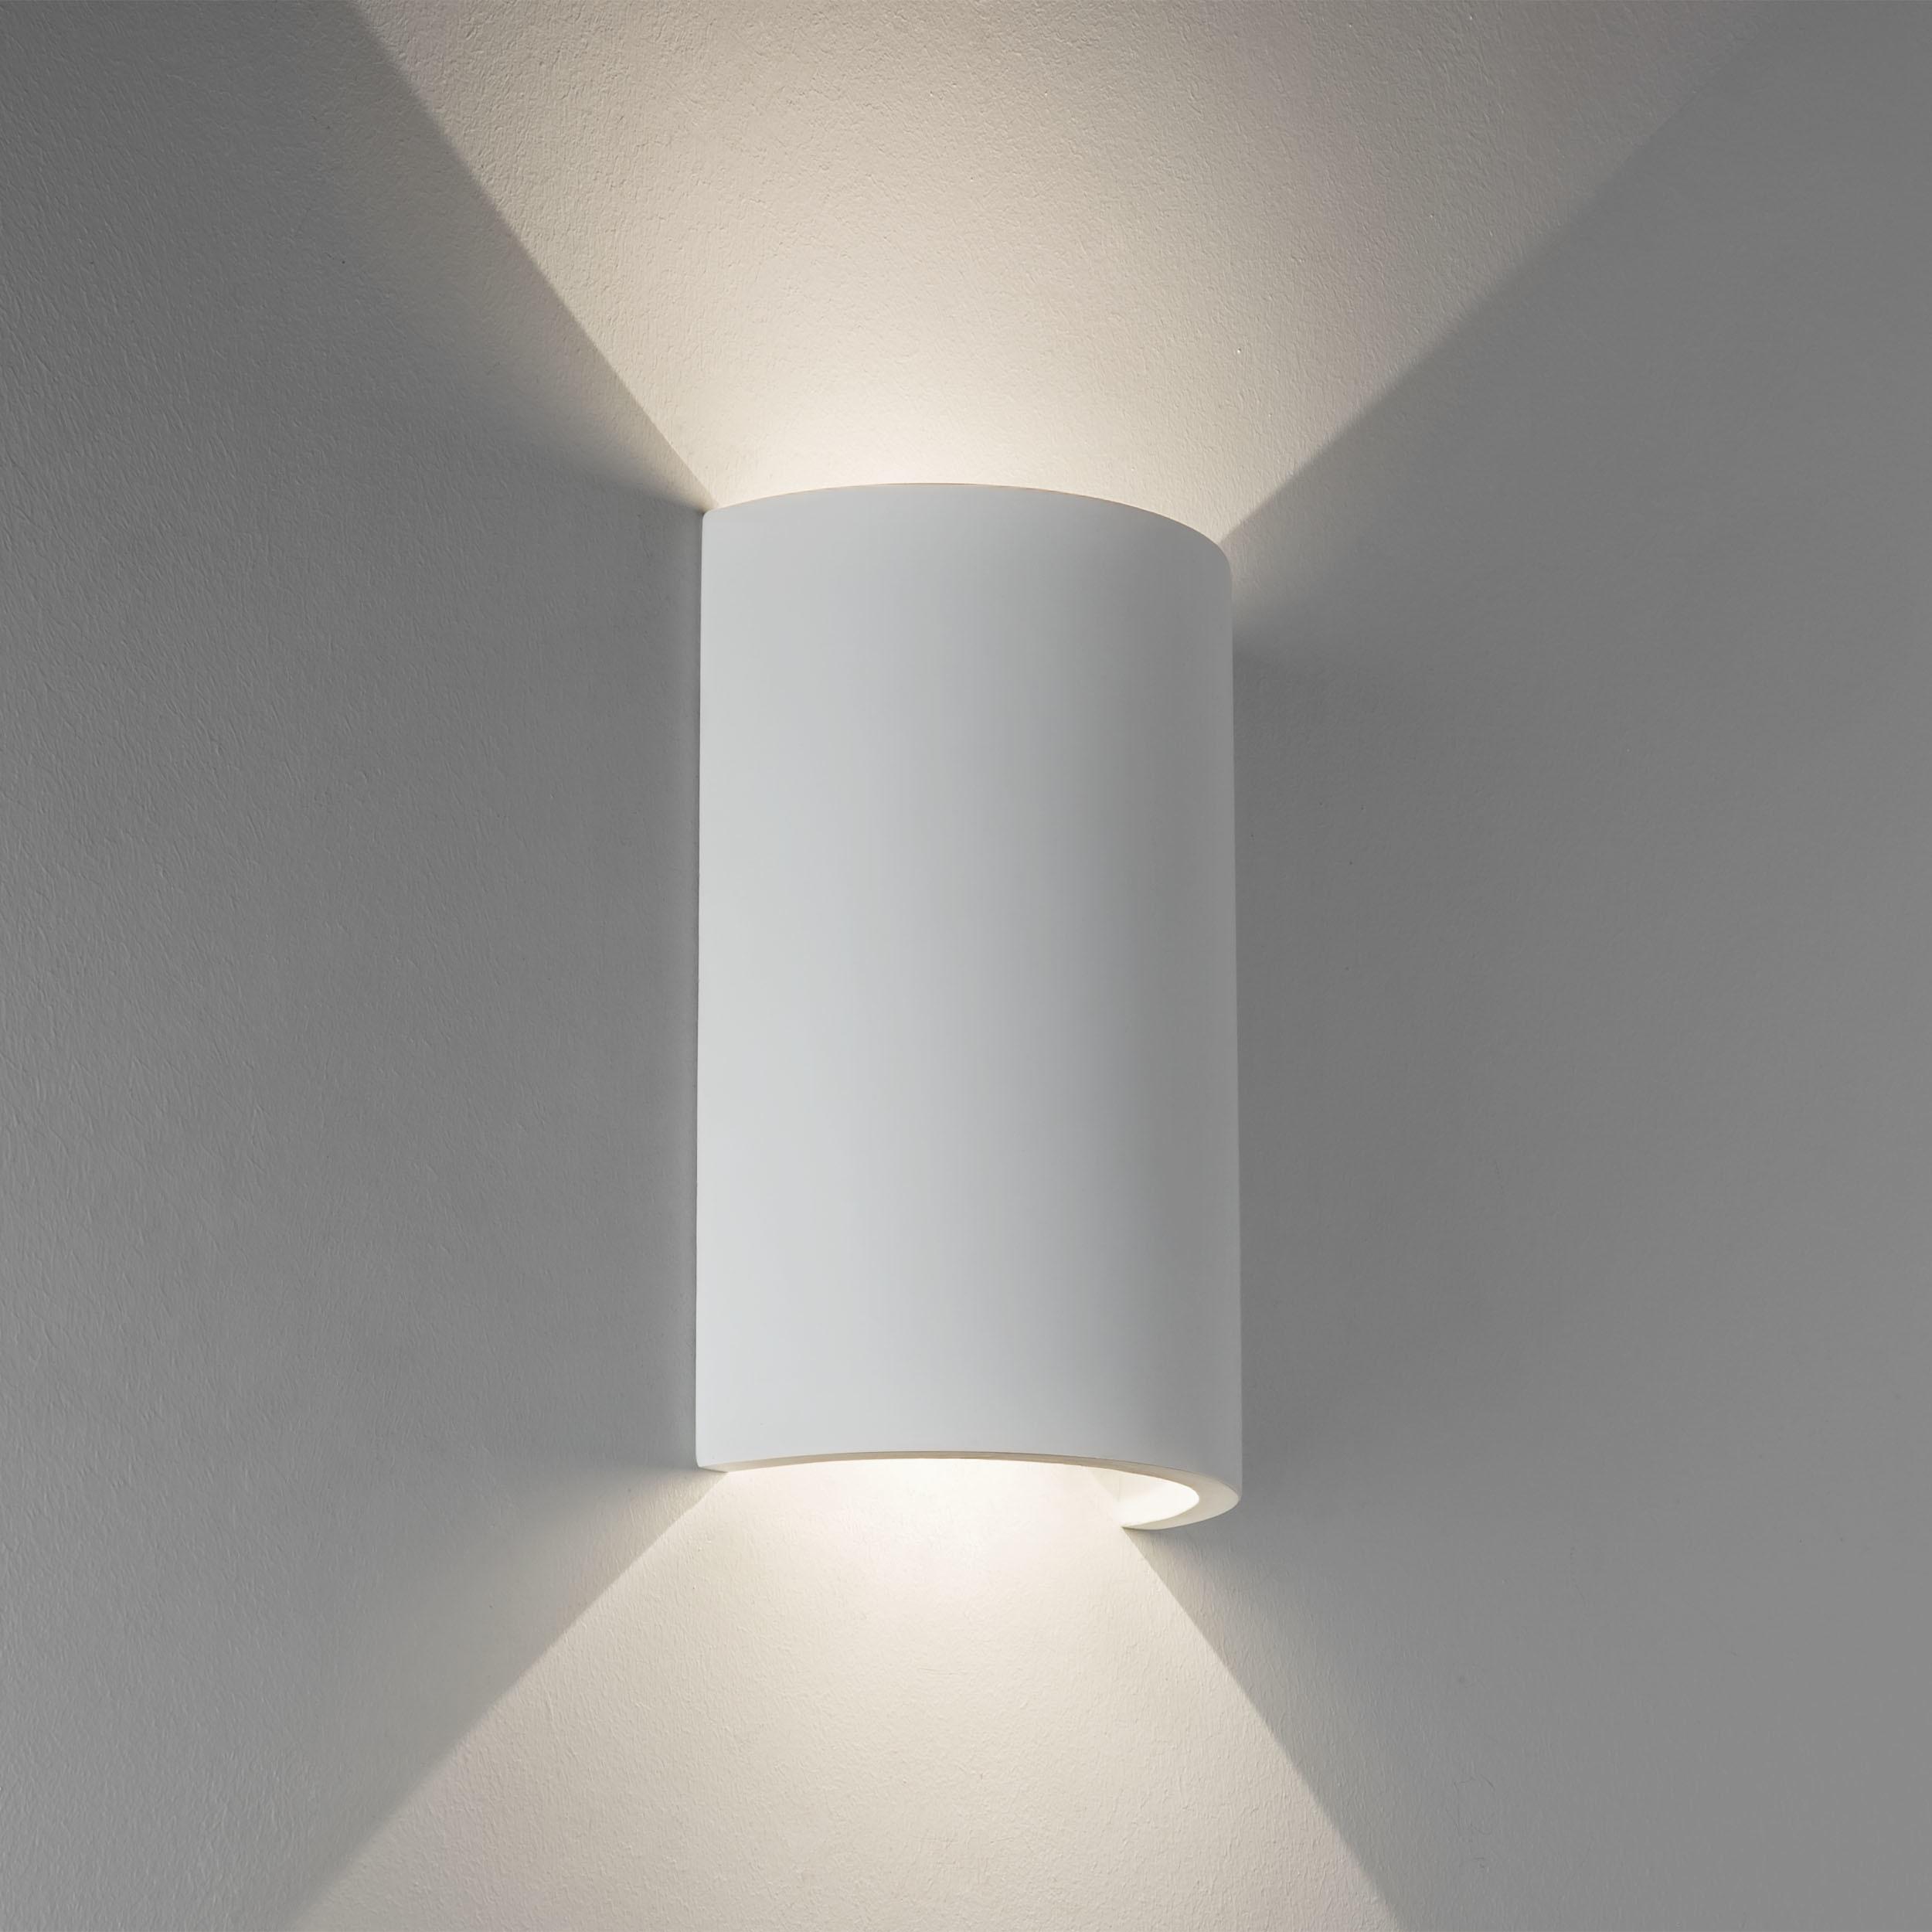 Настенный светодиодный светильник Astro Serifos 1350001 (7375), LED 6,32W 3000K 286.5lm CRI80, белый, под покраску, гипс - фото 1